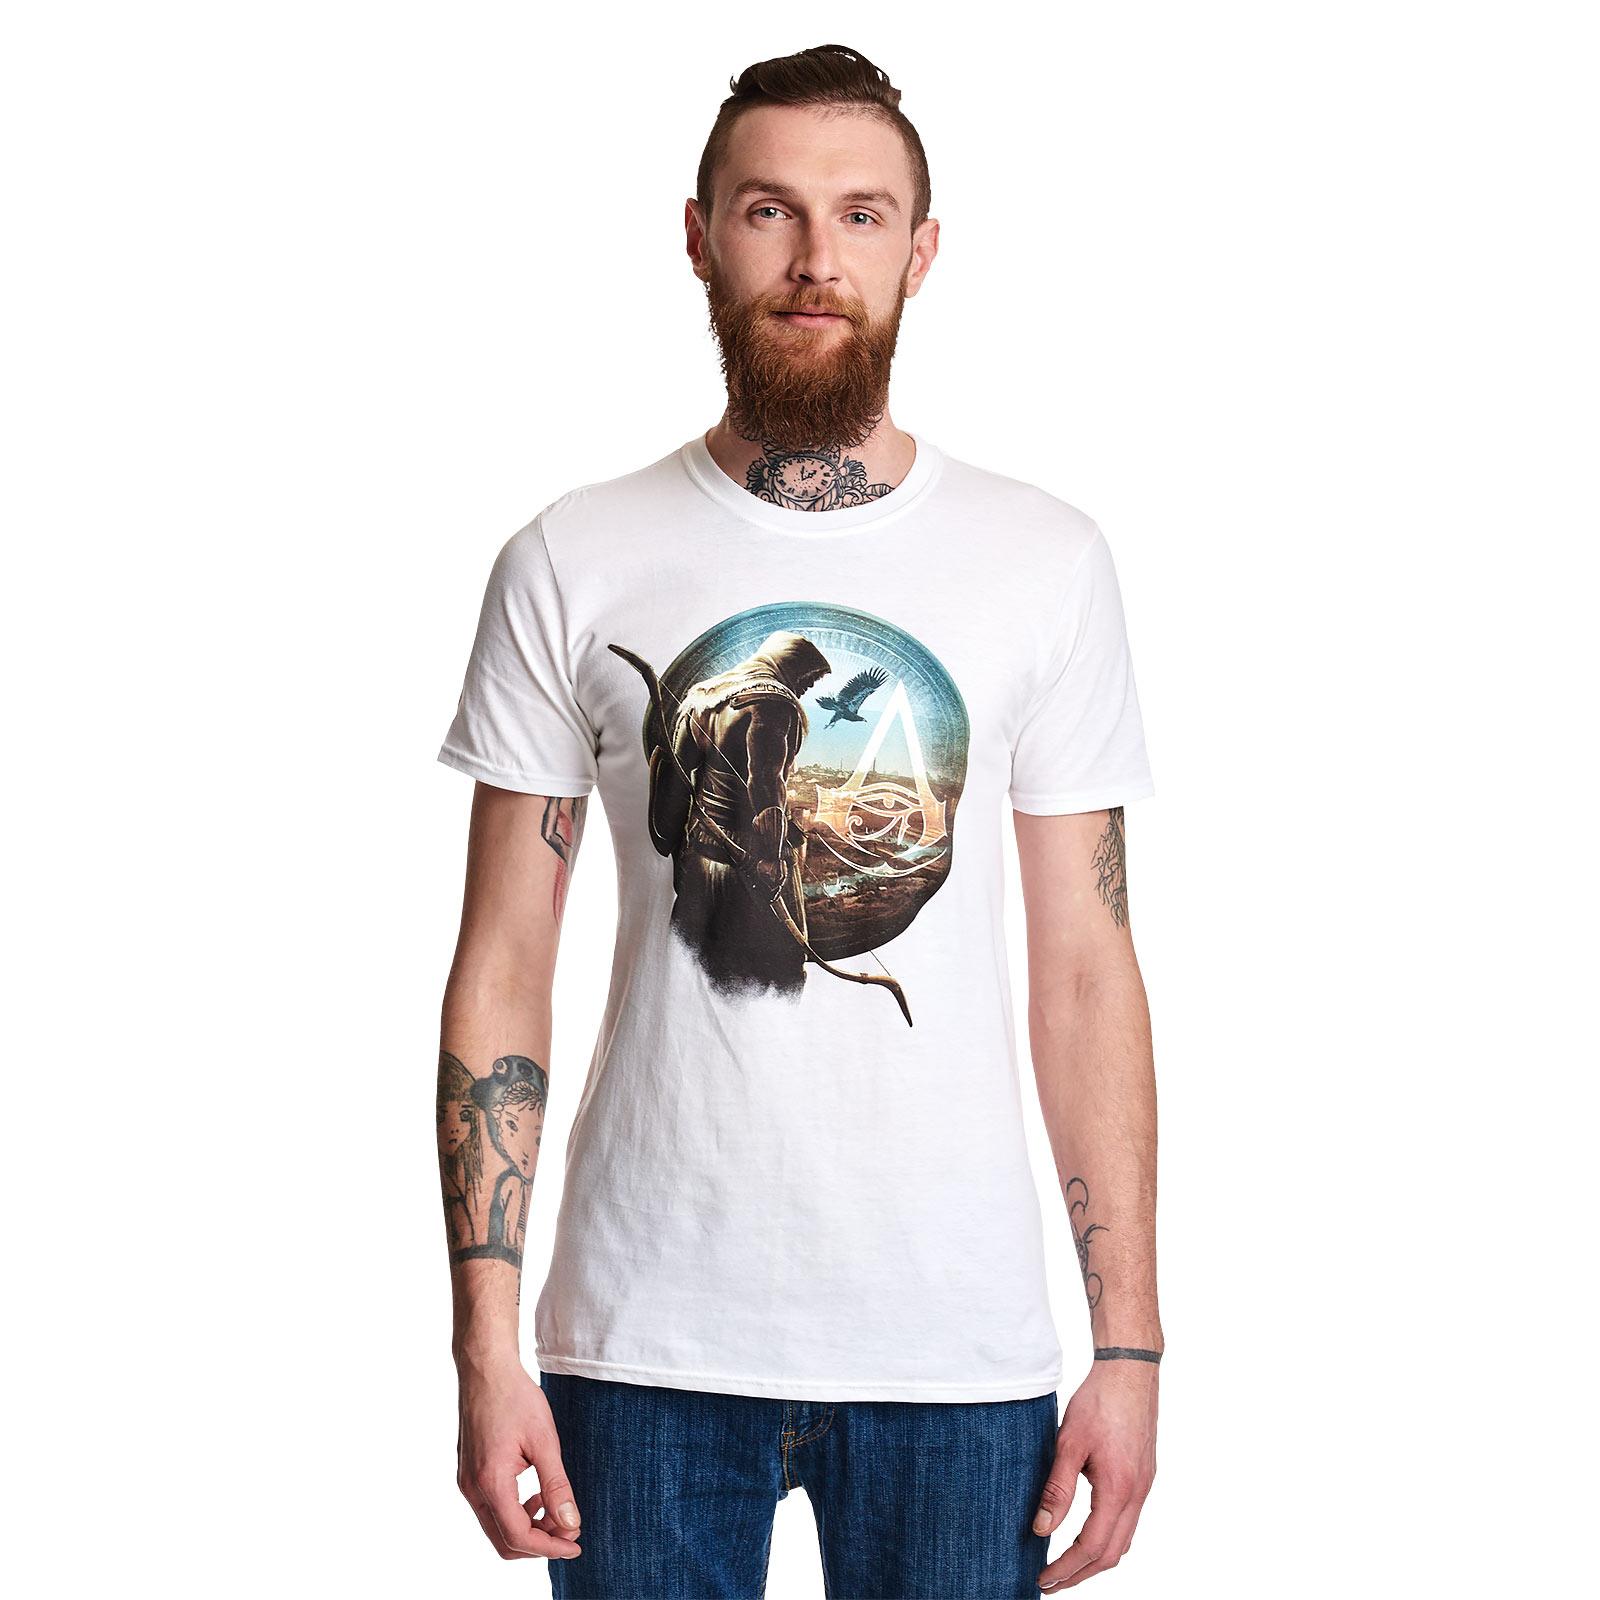 Assassins Creed - Bayek T-Shirt weiß